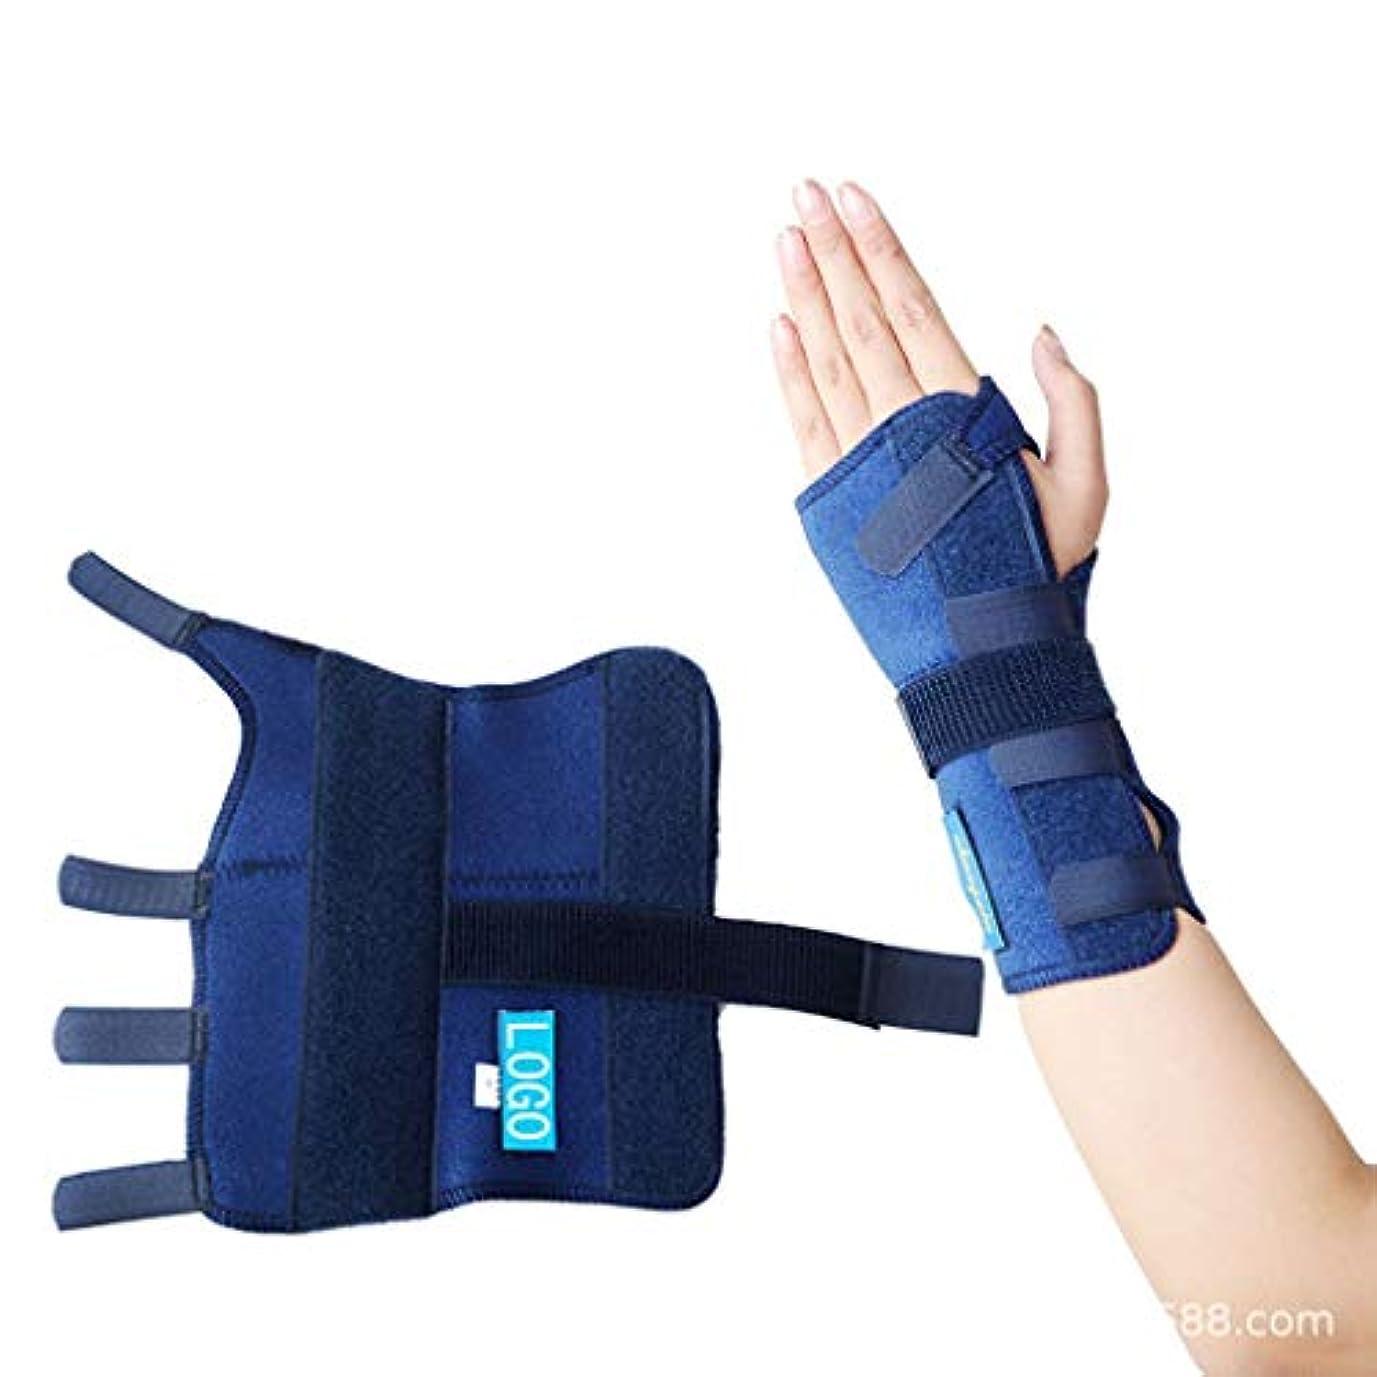 絶壁可聴比較的レリーフブレースコレクター親指手首傷害回復スプリント指セパレーター手矯正手根管関節痛リリーフコレクター指スプリント,Bluerighthand,XL